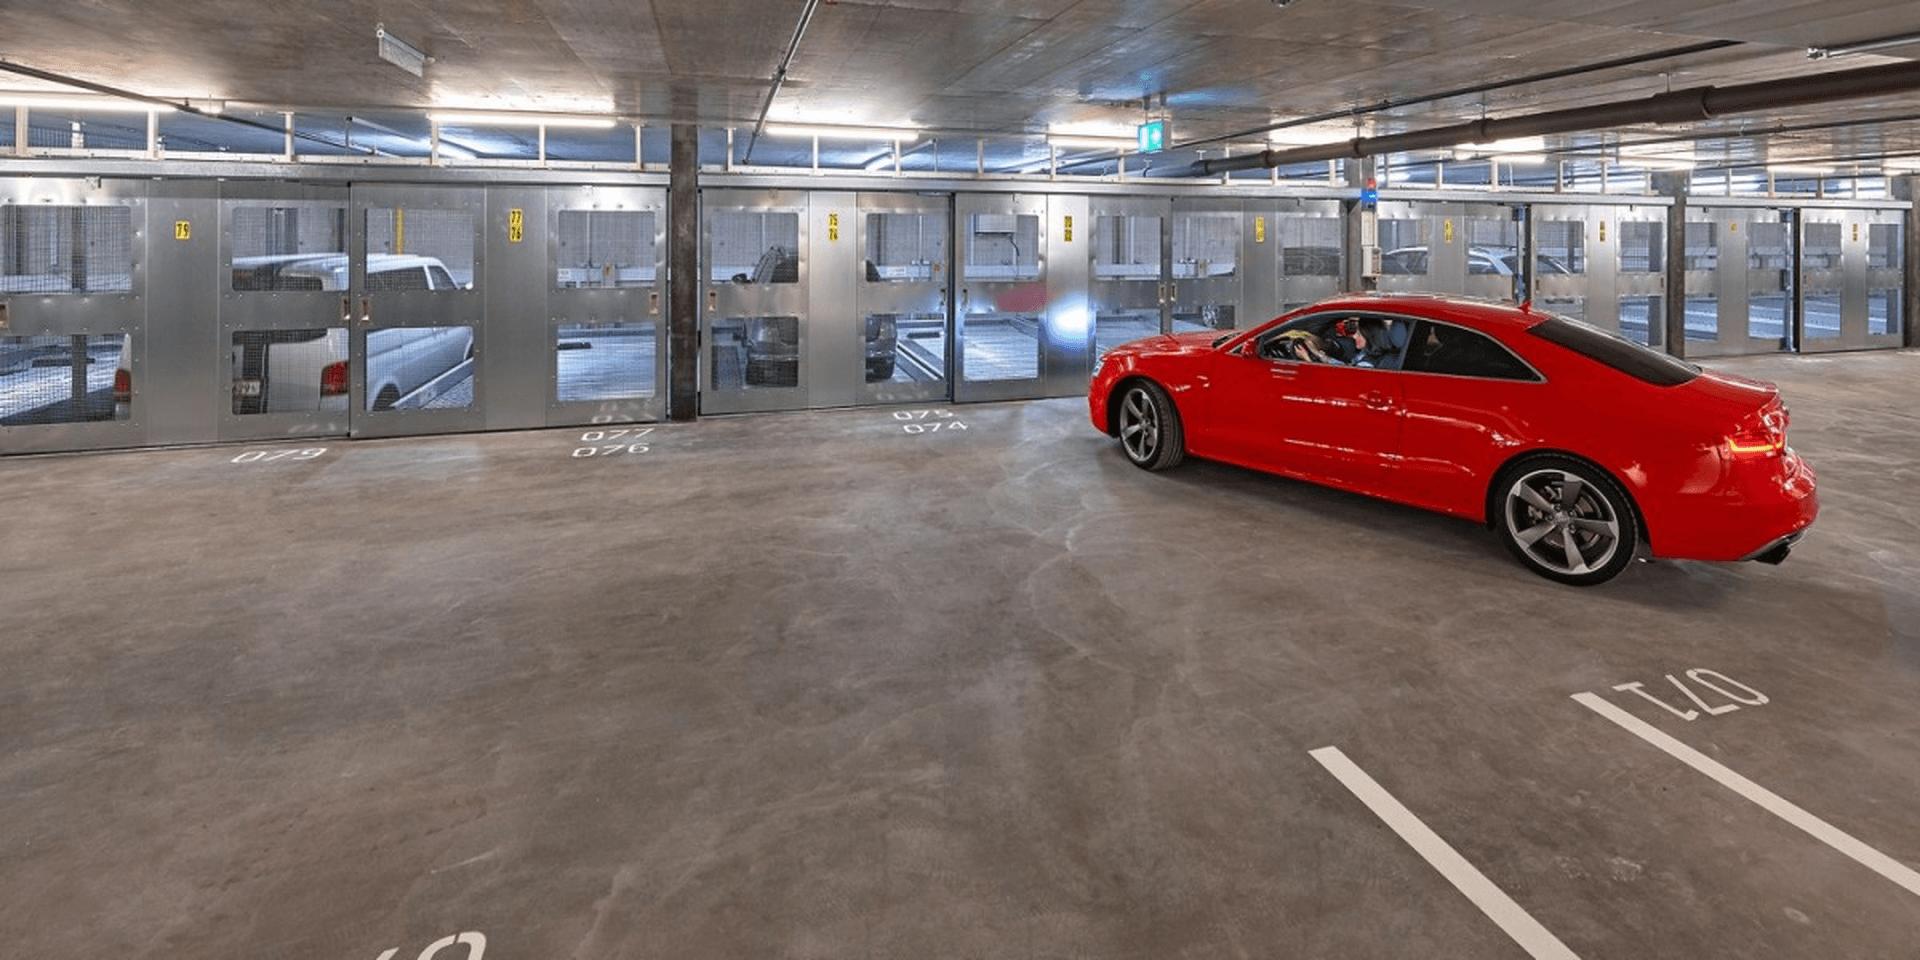 Combilift 542 - parcheggio semiautomatico